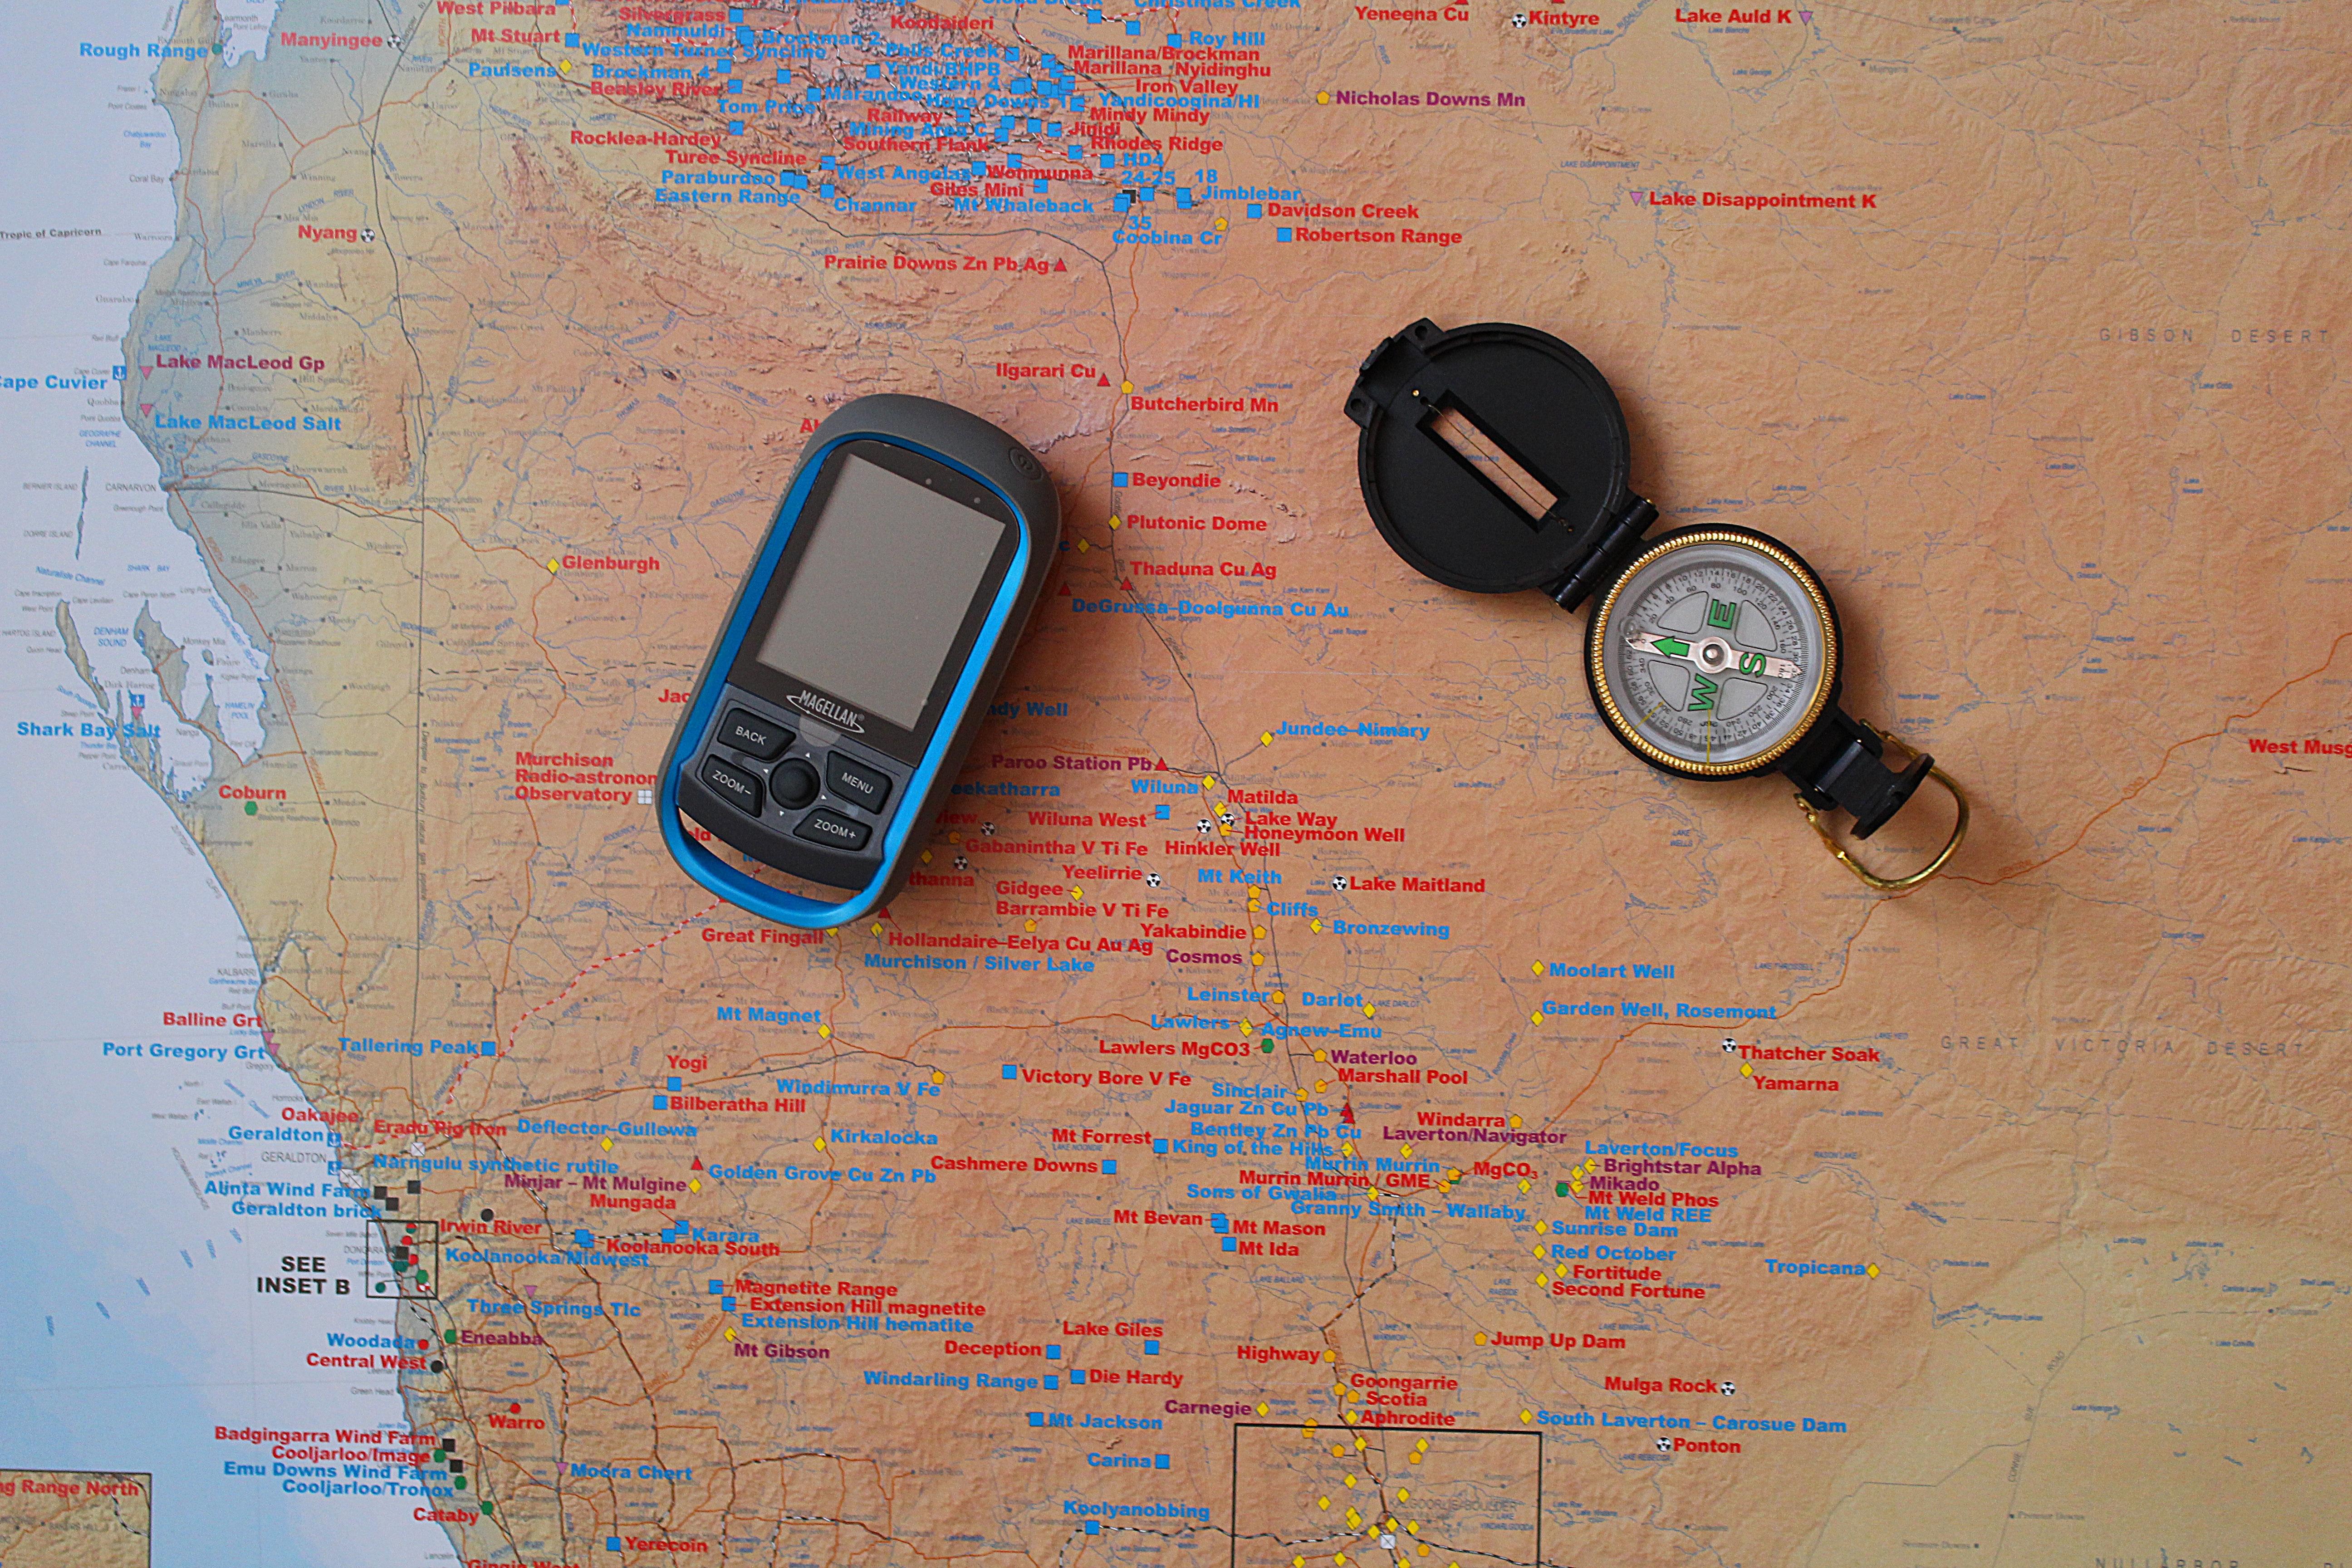 navigasjon kart Bildet : Antall, kompass, kart, font, Kunst, navigasjon  navigasjon kart